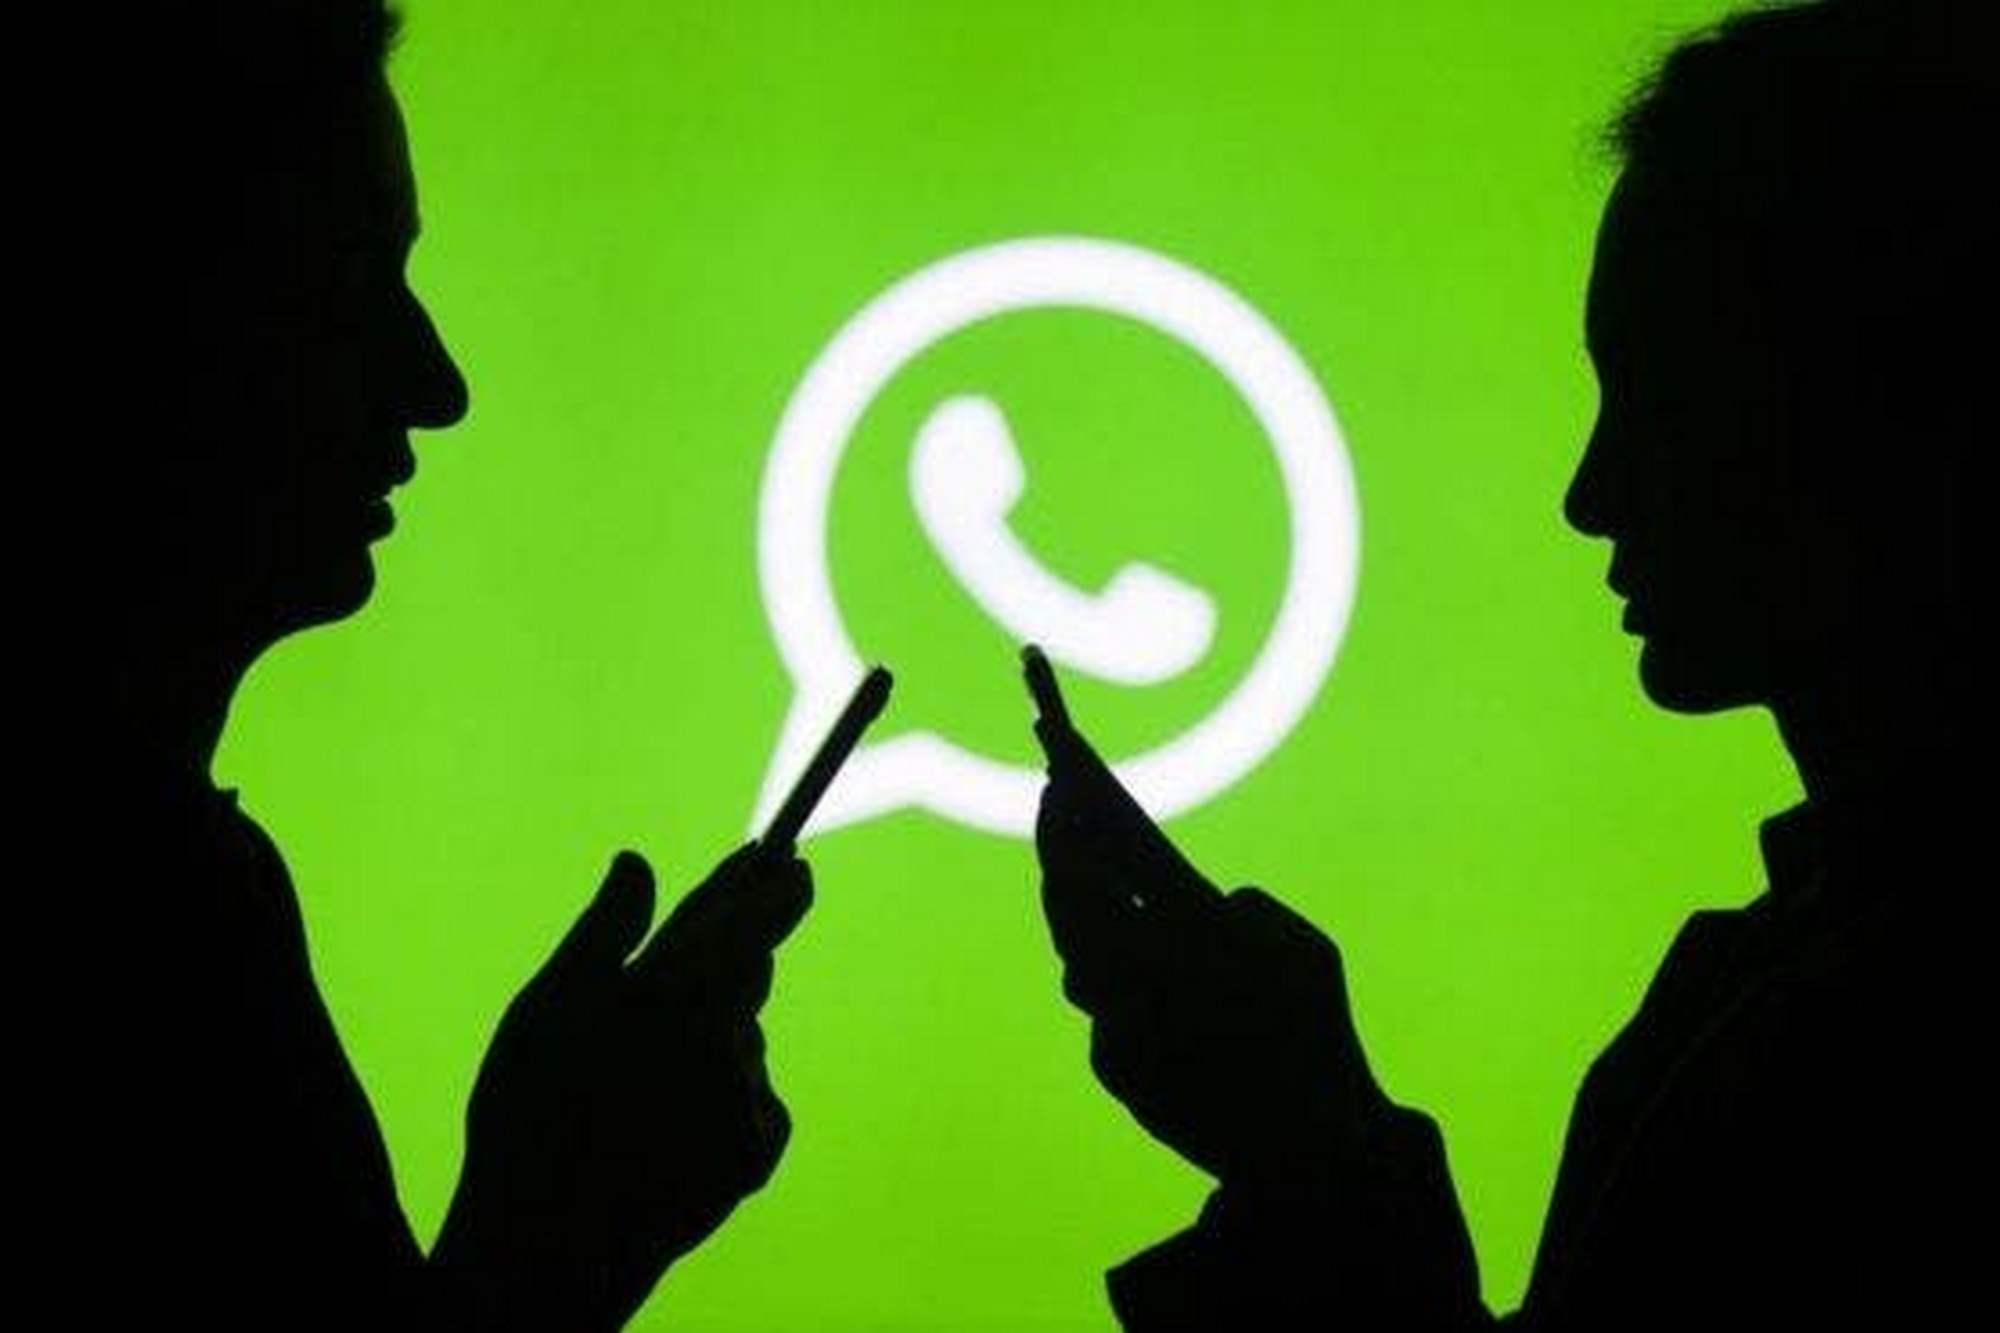 Una falla de WhatsApp hizo que no se viera la hora de la última conexión en el mensajero